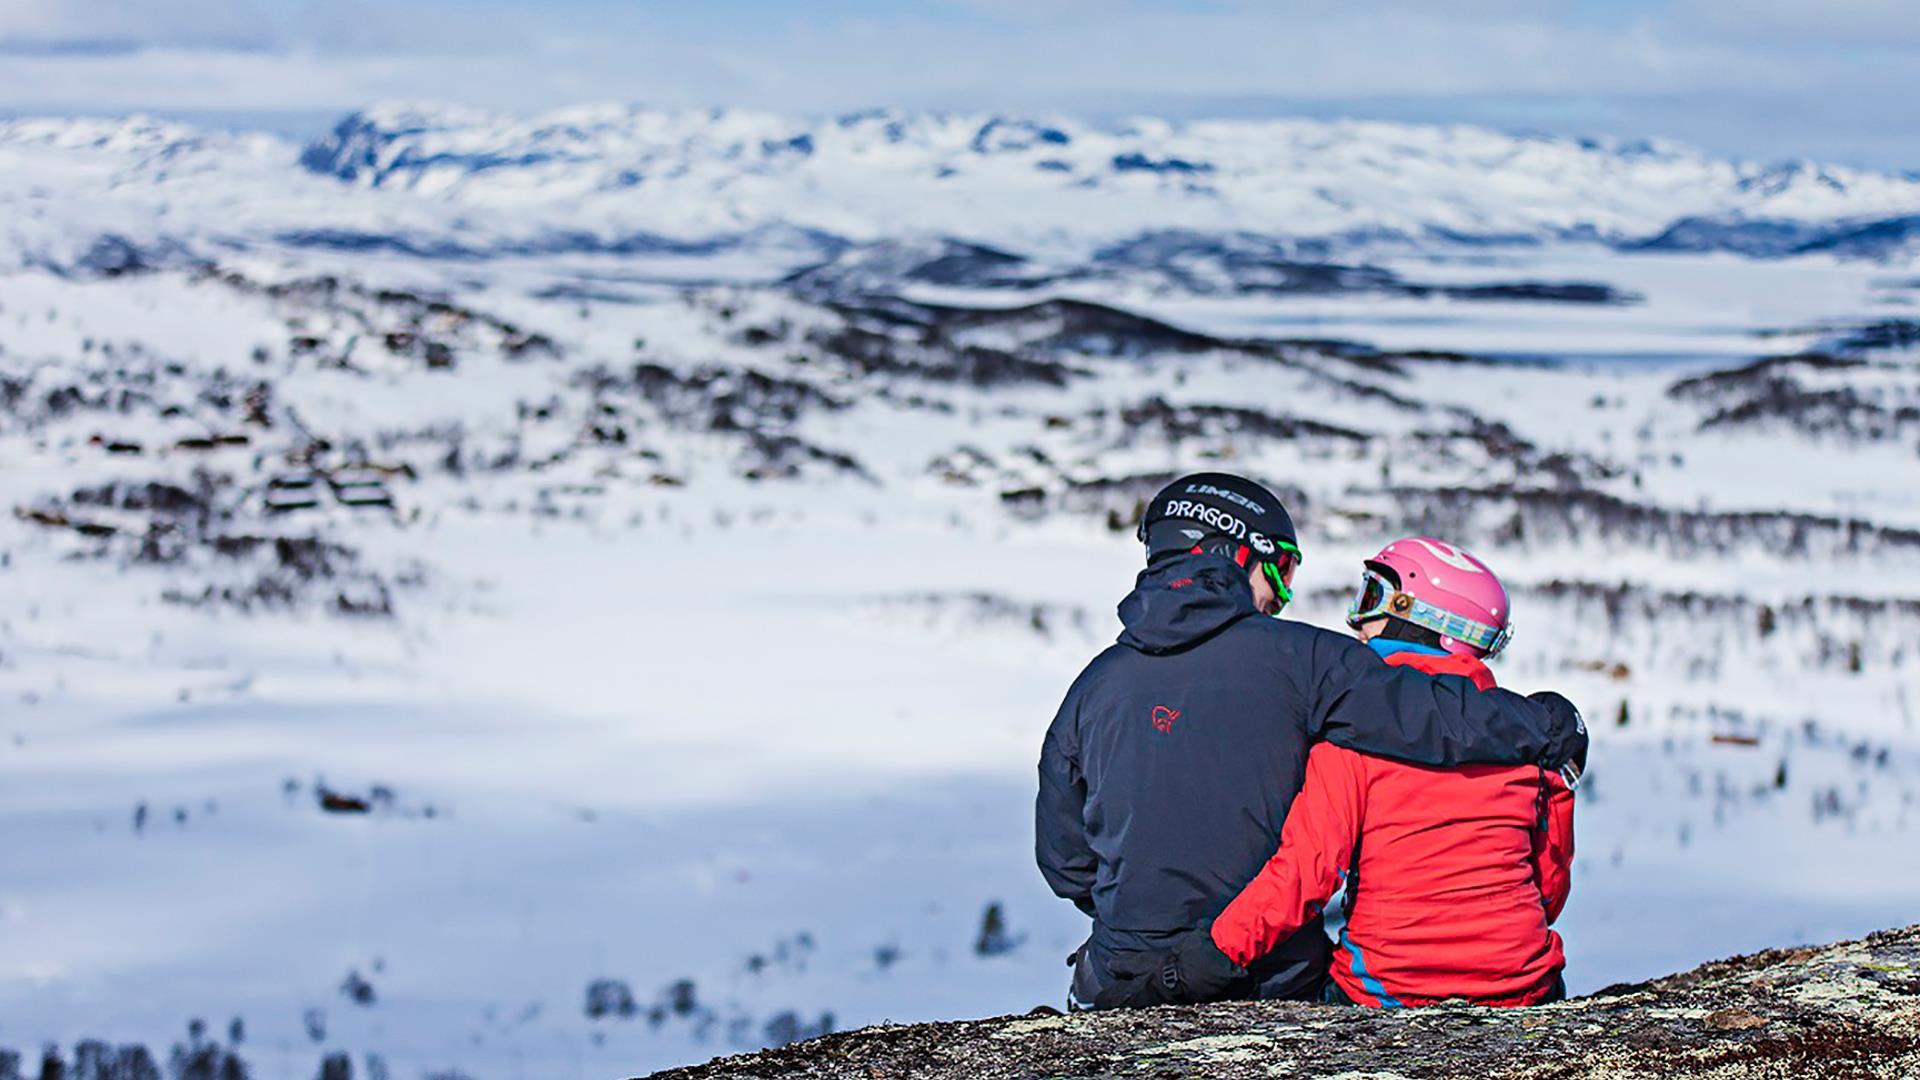 Kjærestepar i bakken, Rauland Skisenter